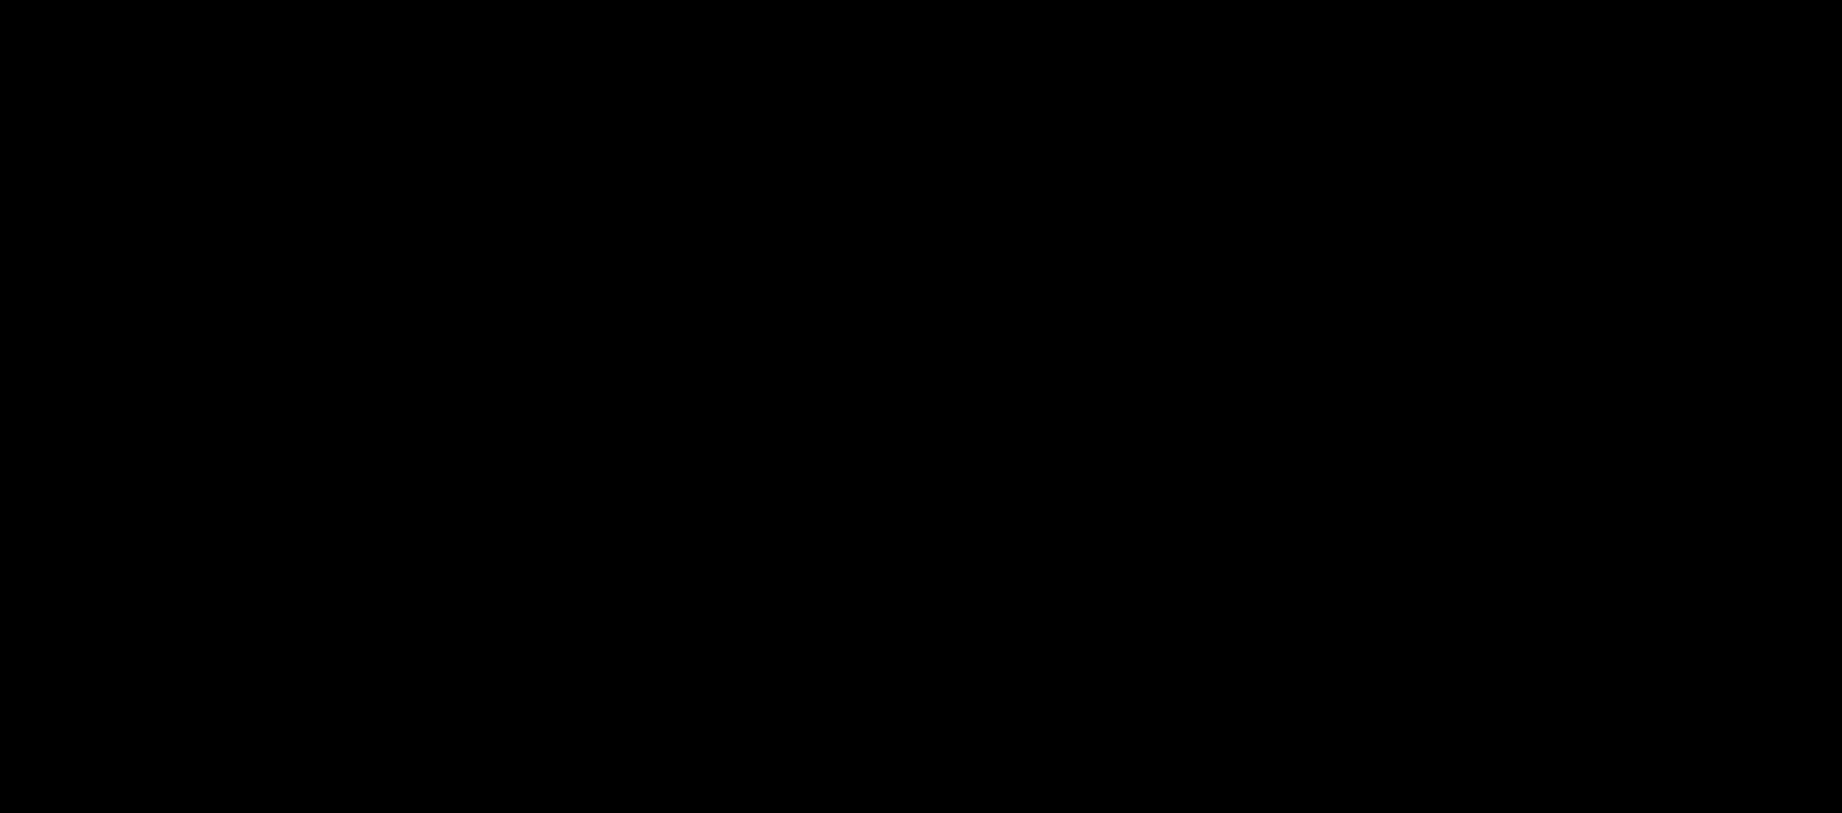 Visit Raseborgs logo